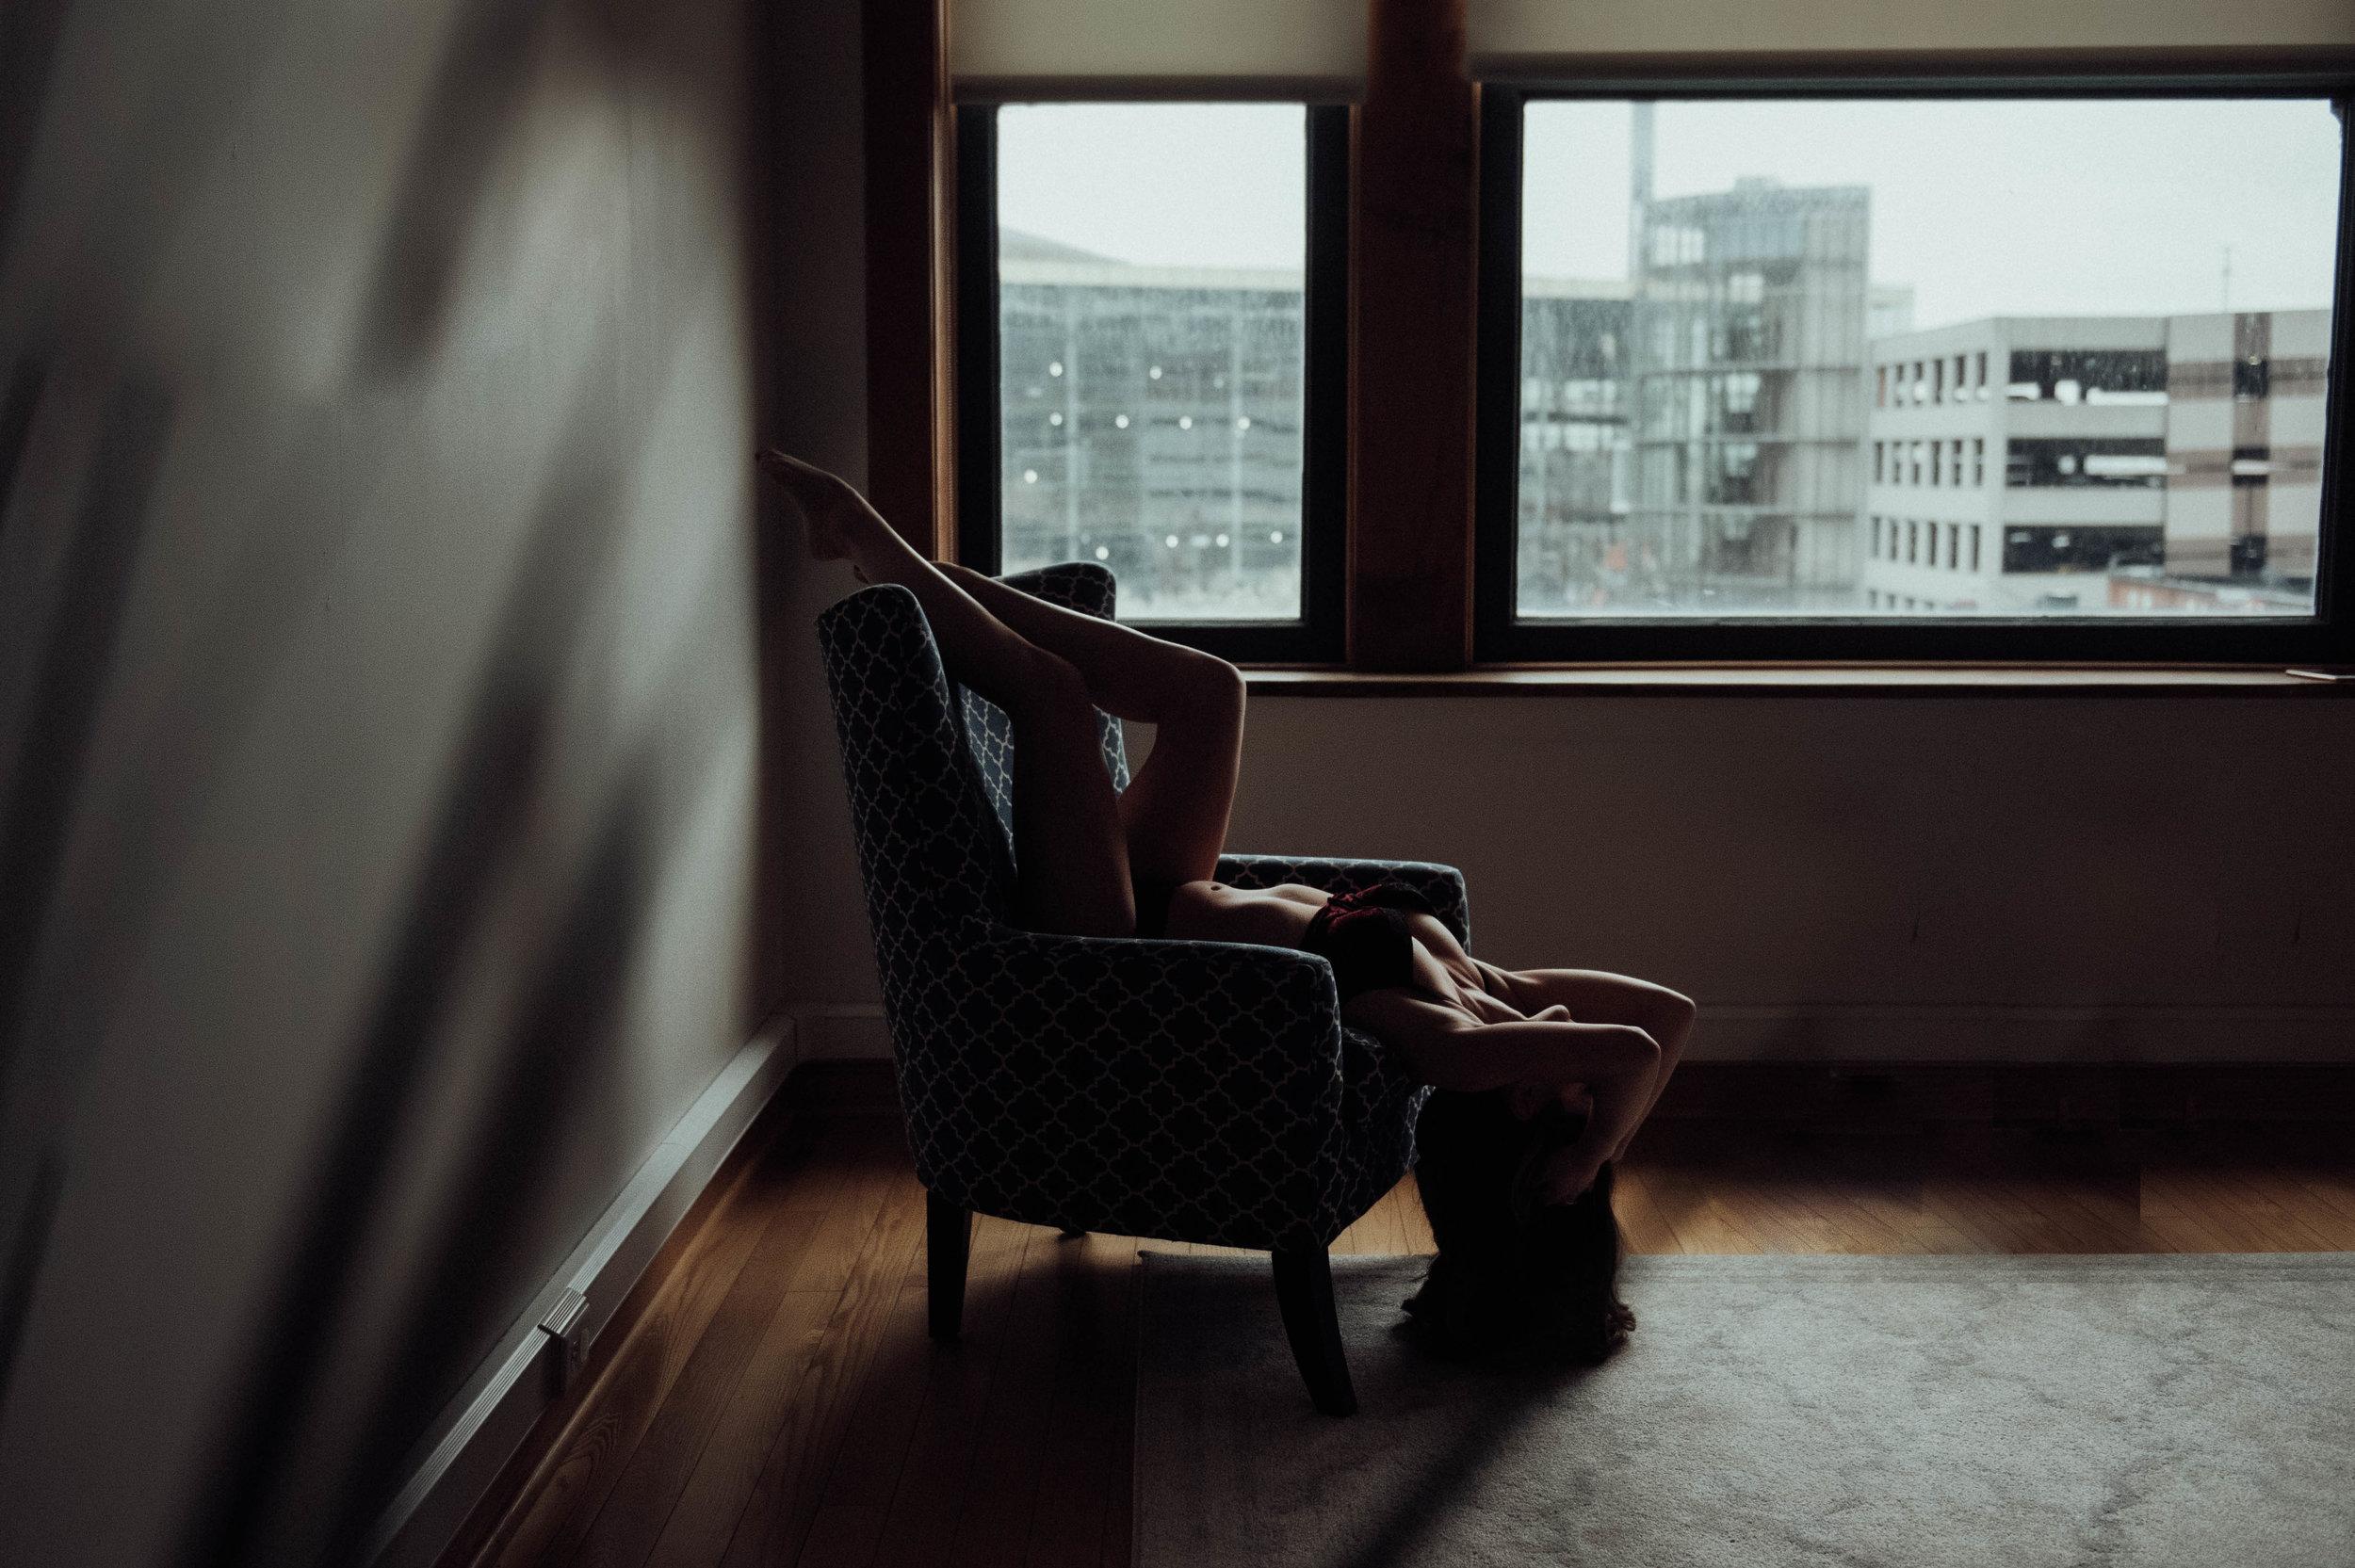 nashville boudoir photographer, boudoir photography nashville, nashville boudoir, best boudoir photography in nashville, hendersonville boudoir